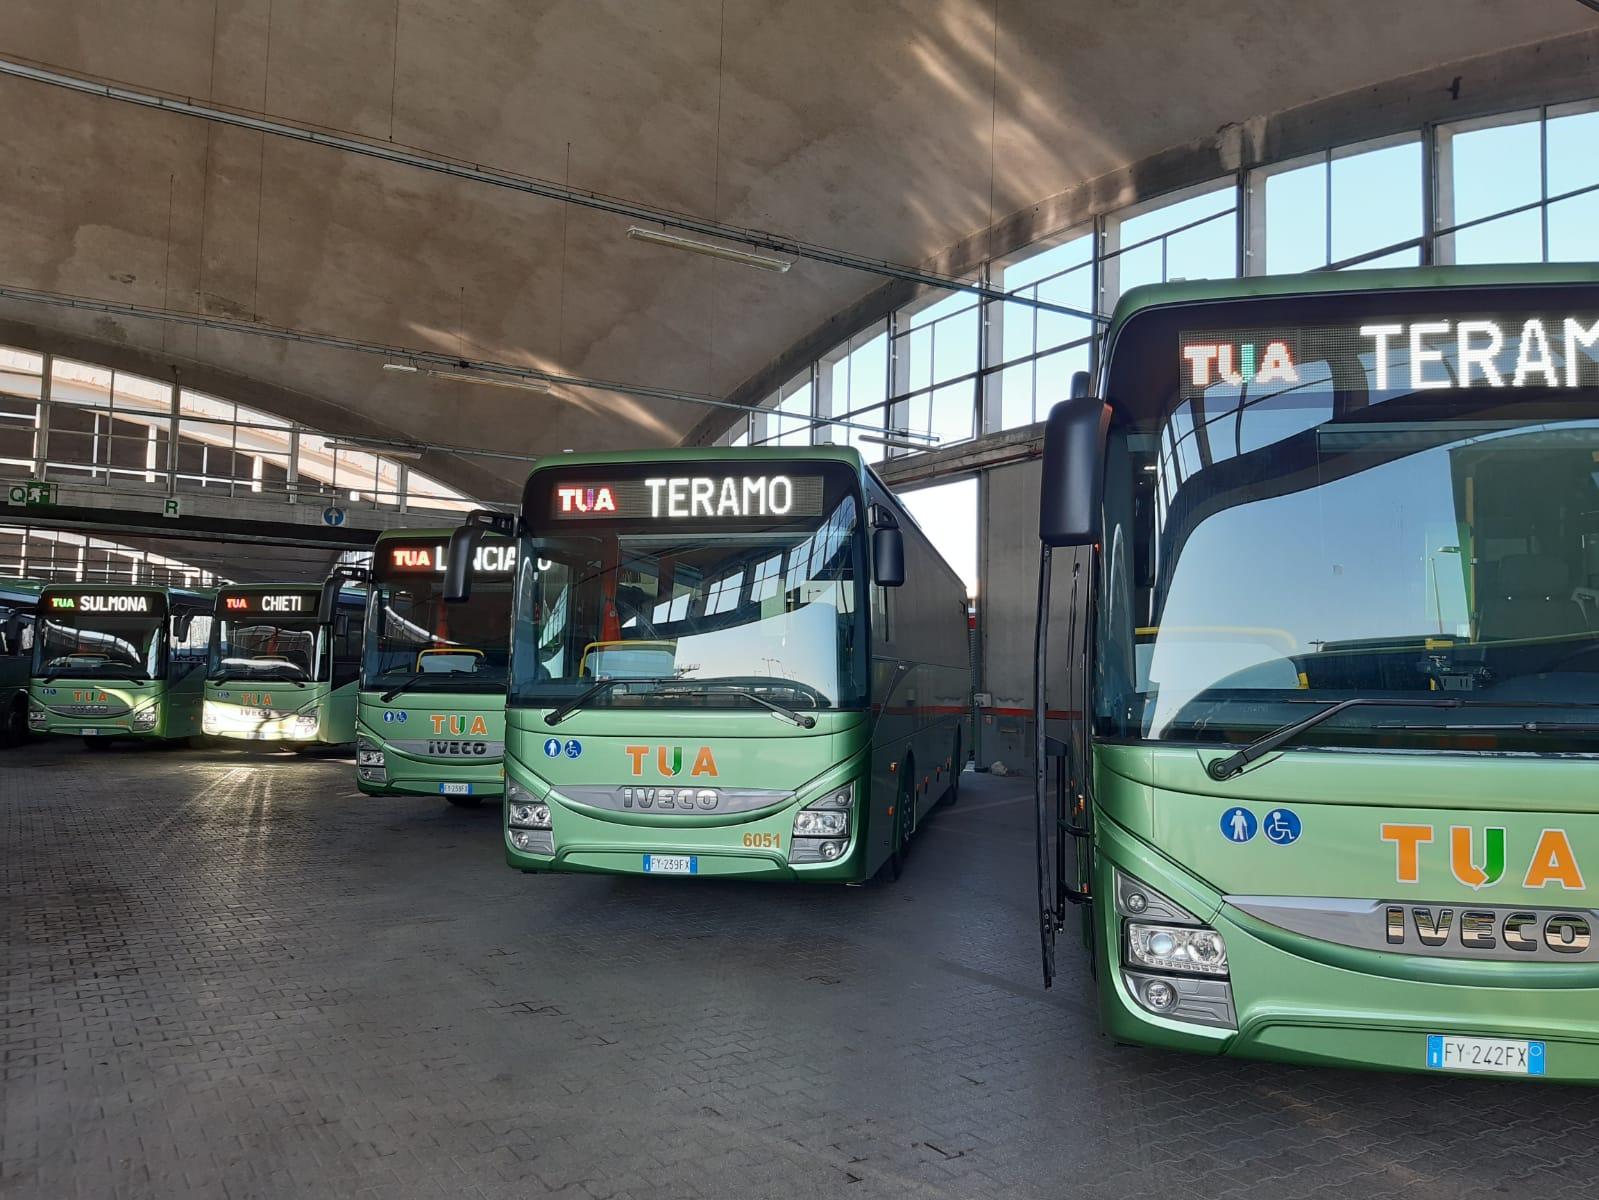 tua abruzzo nuovi bus